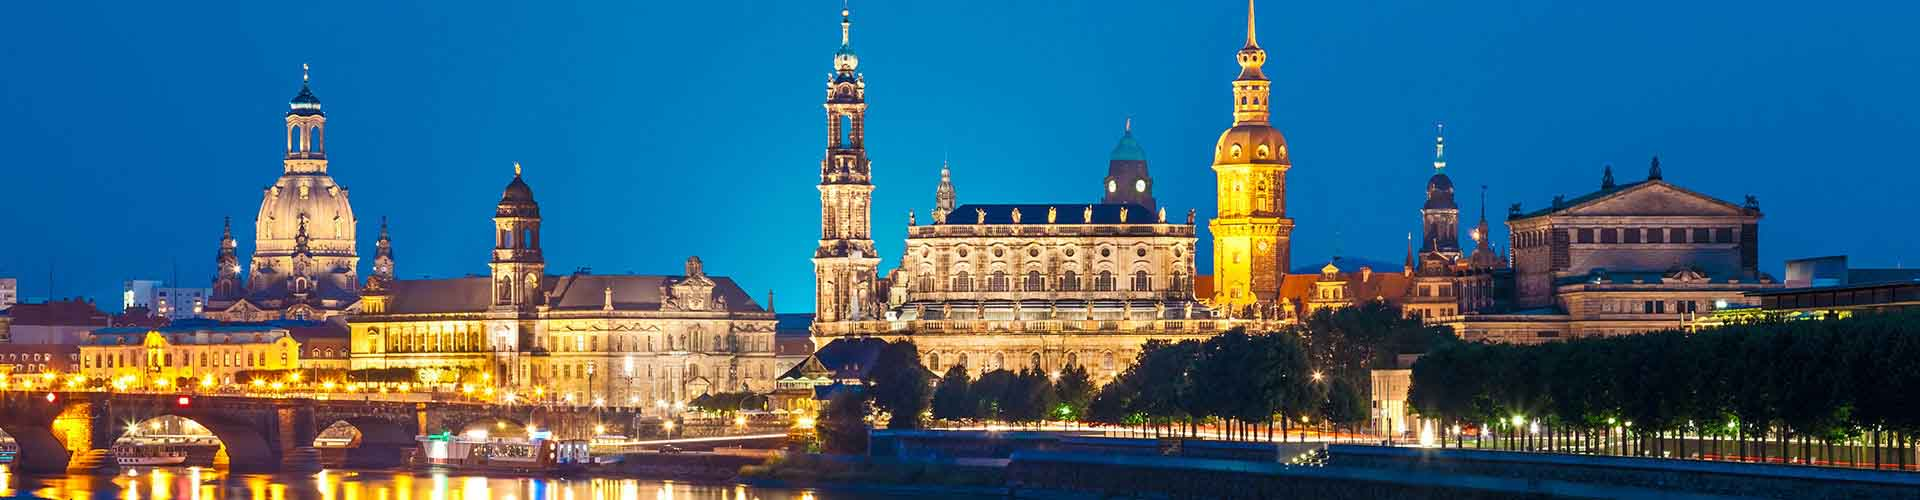 Dresde - Apartamentos en el distrito Südvorstadt-Ost. Mapas de Dresde, Fotos y comentarios de cada Apartamento en Dresde.